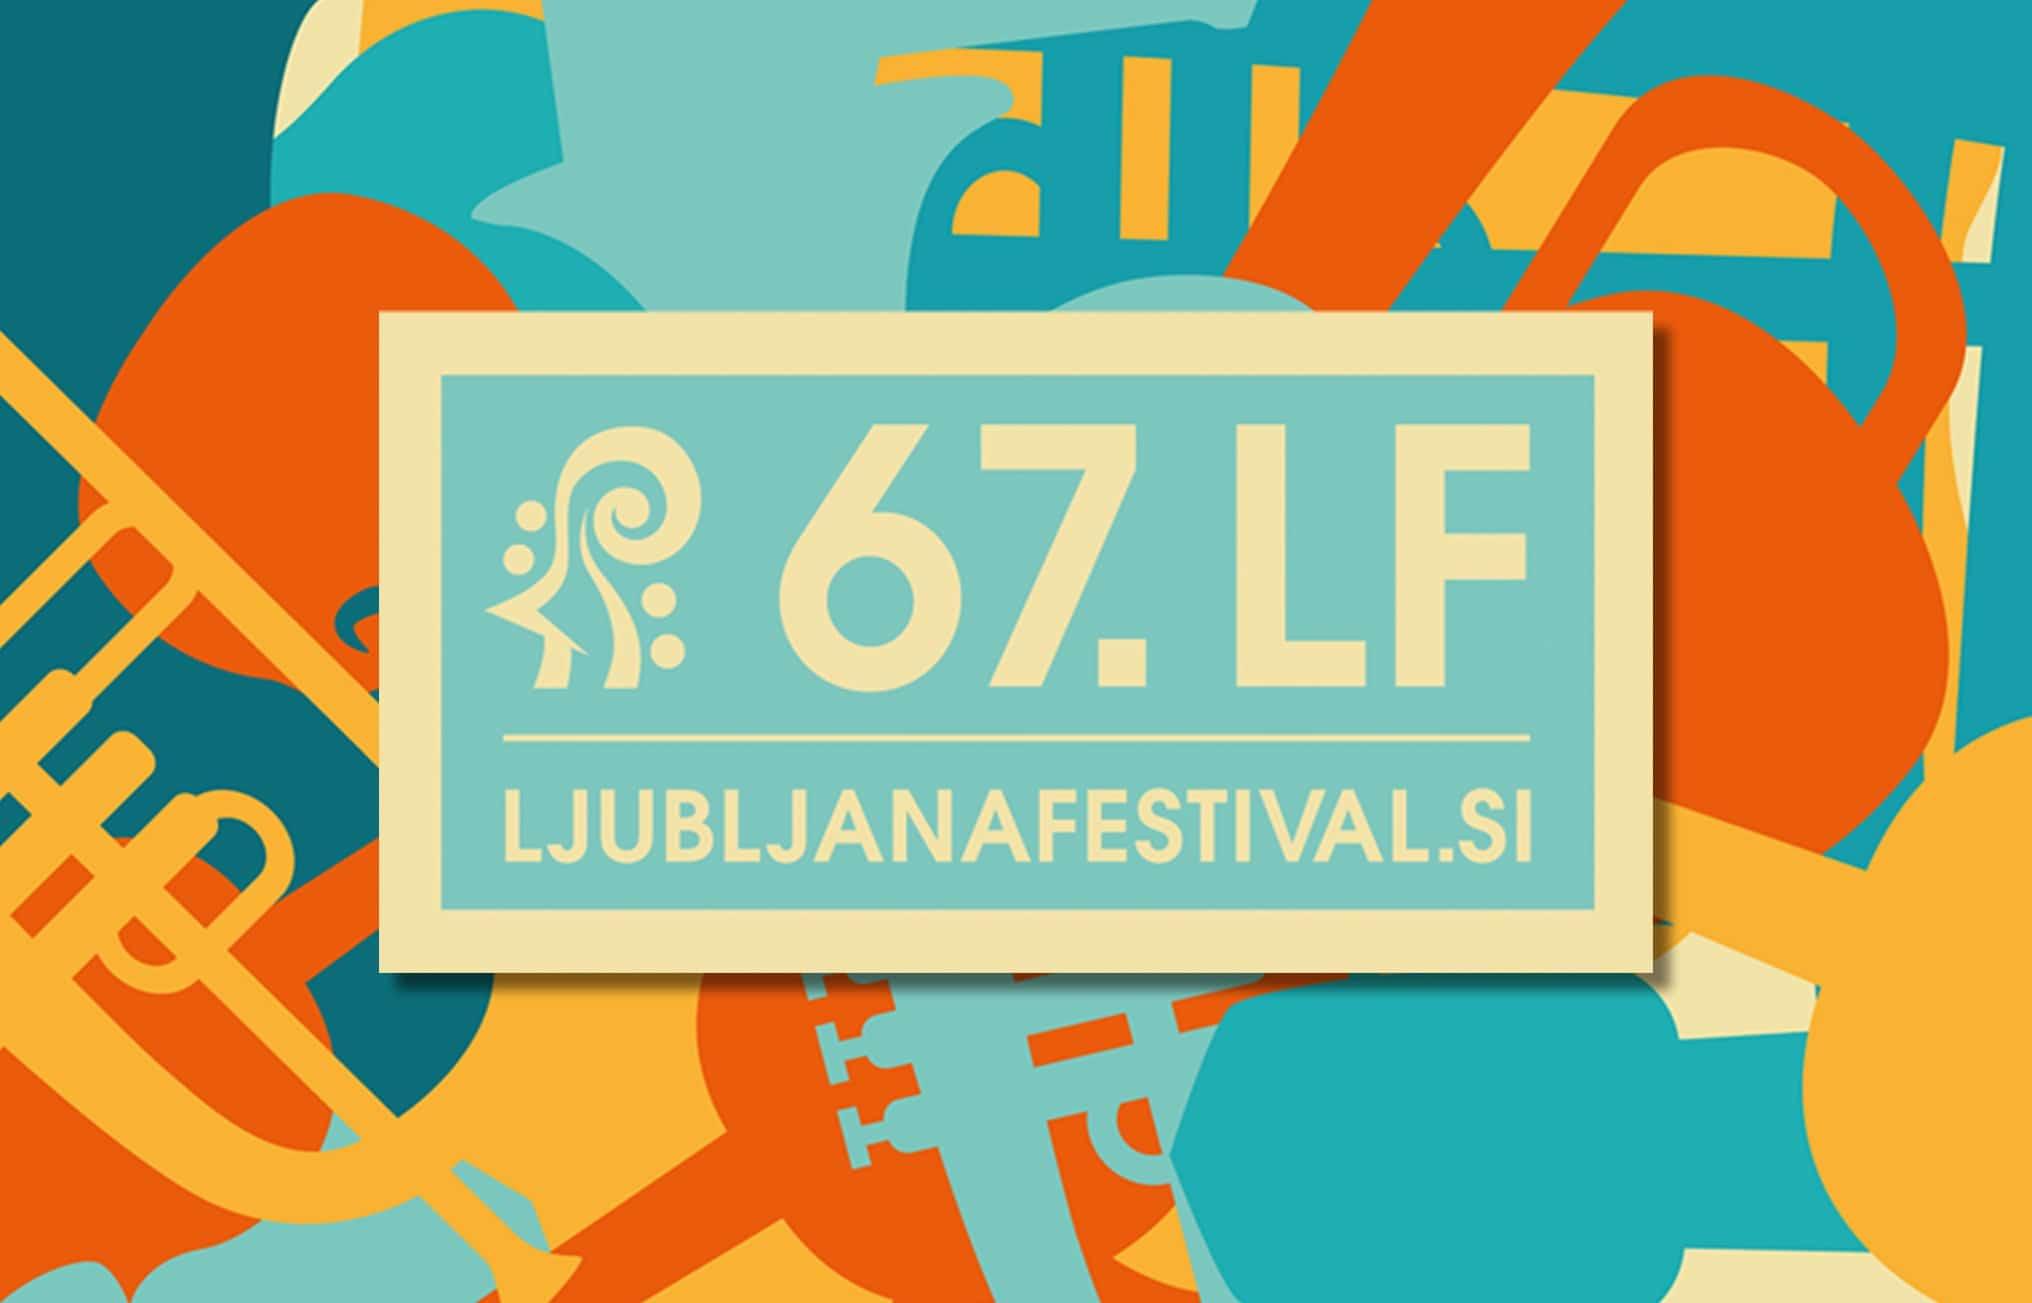 Oblikovanje tiskovin za 67. Ljubljana festival.